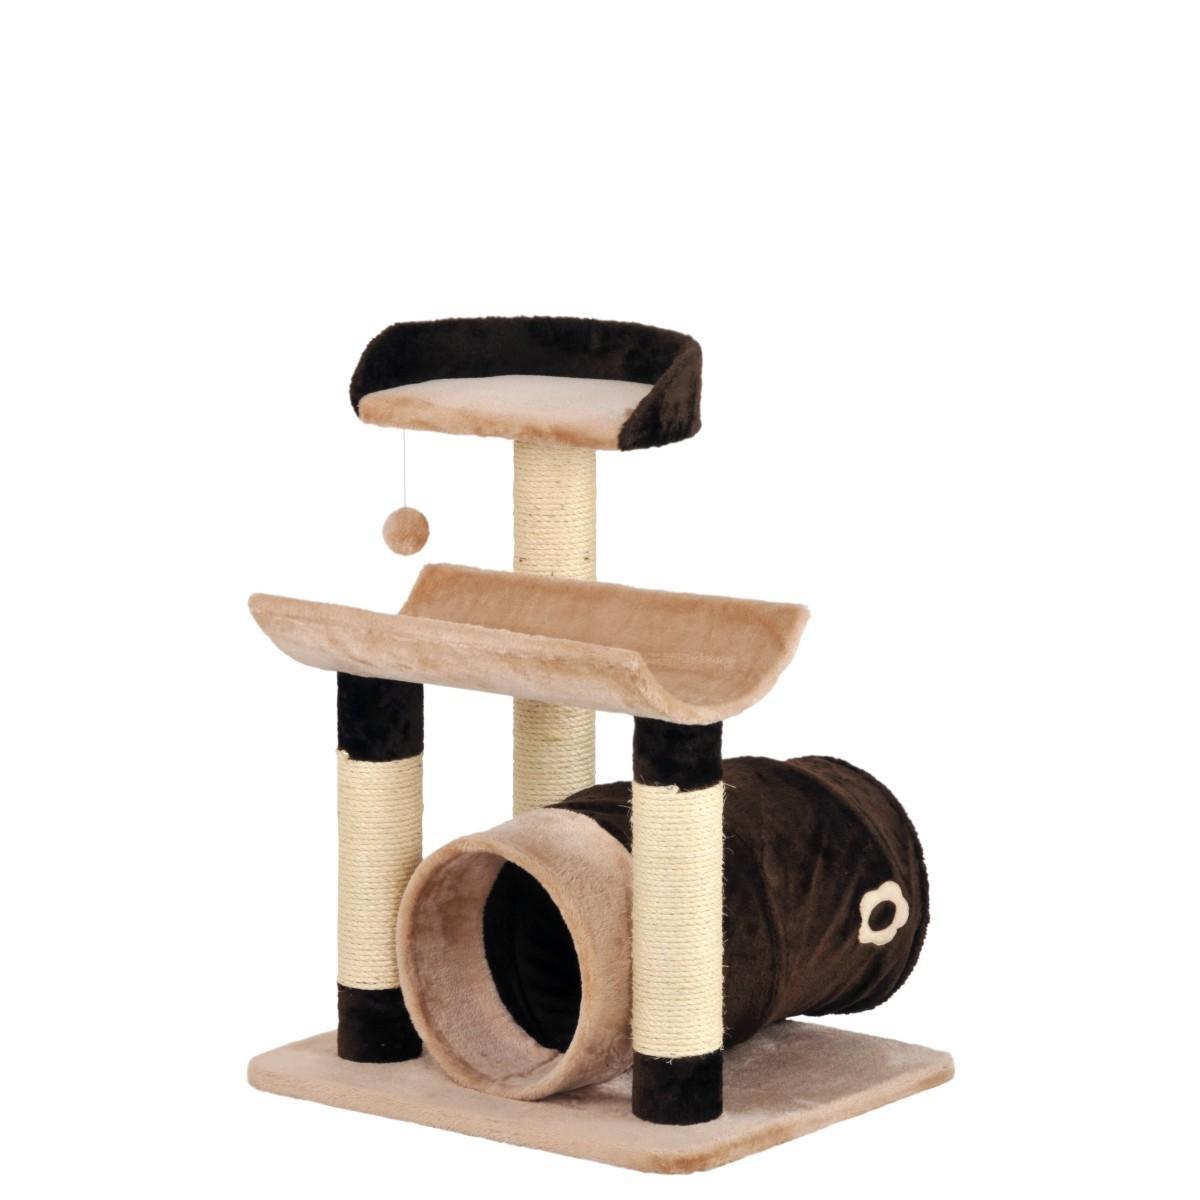 katzenbaum toy 58x49x72cm braun beige sisal pl sch kratzbaum kletterbaum. Black Bedroom Furniture Sets. Home Design Ideas